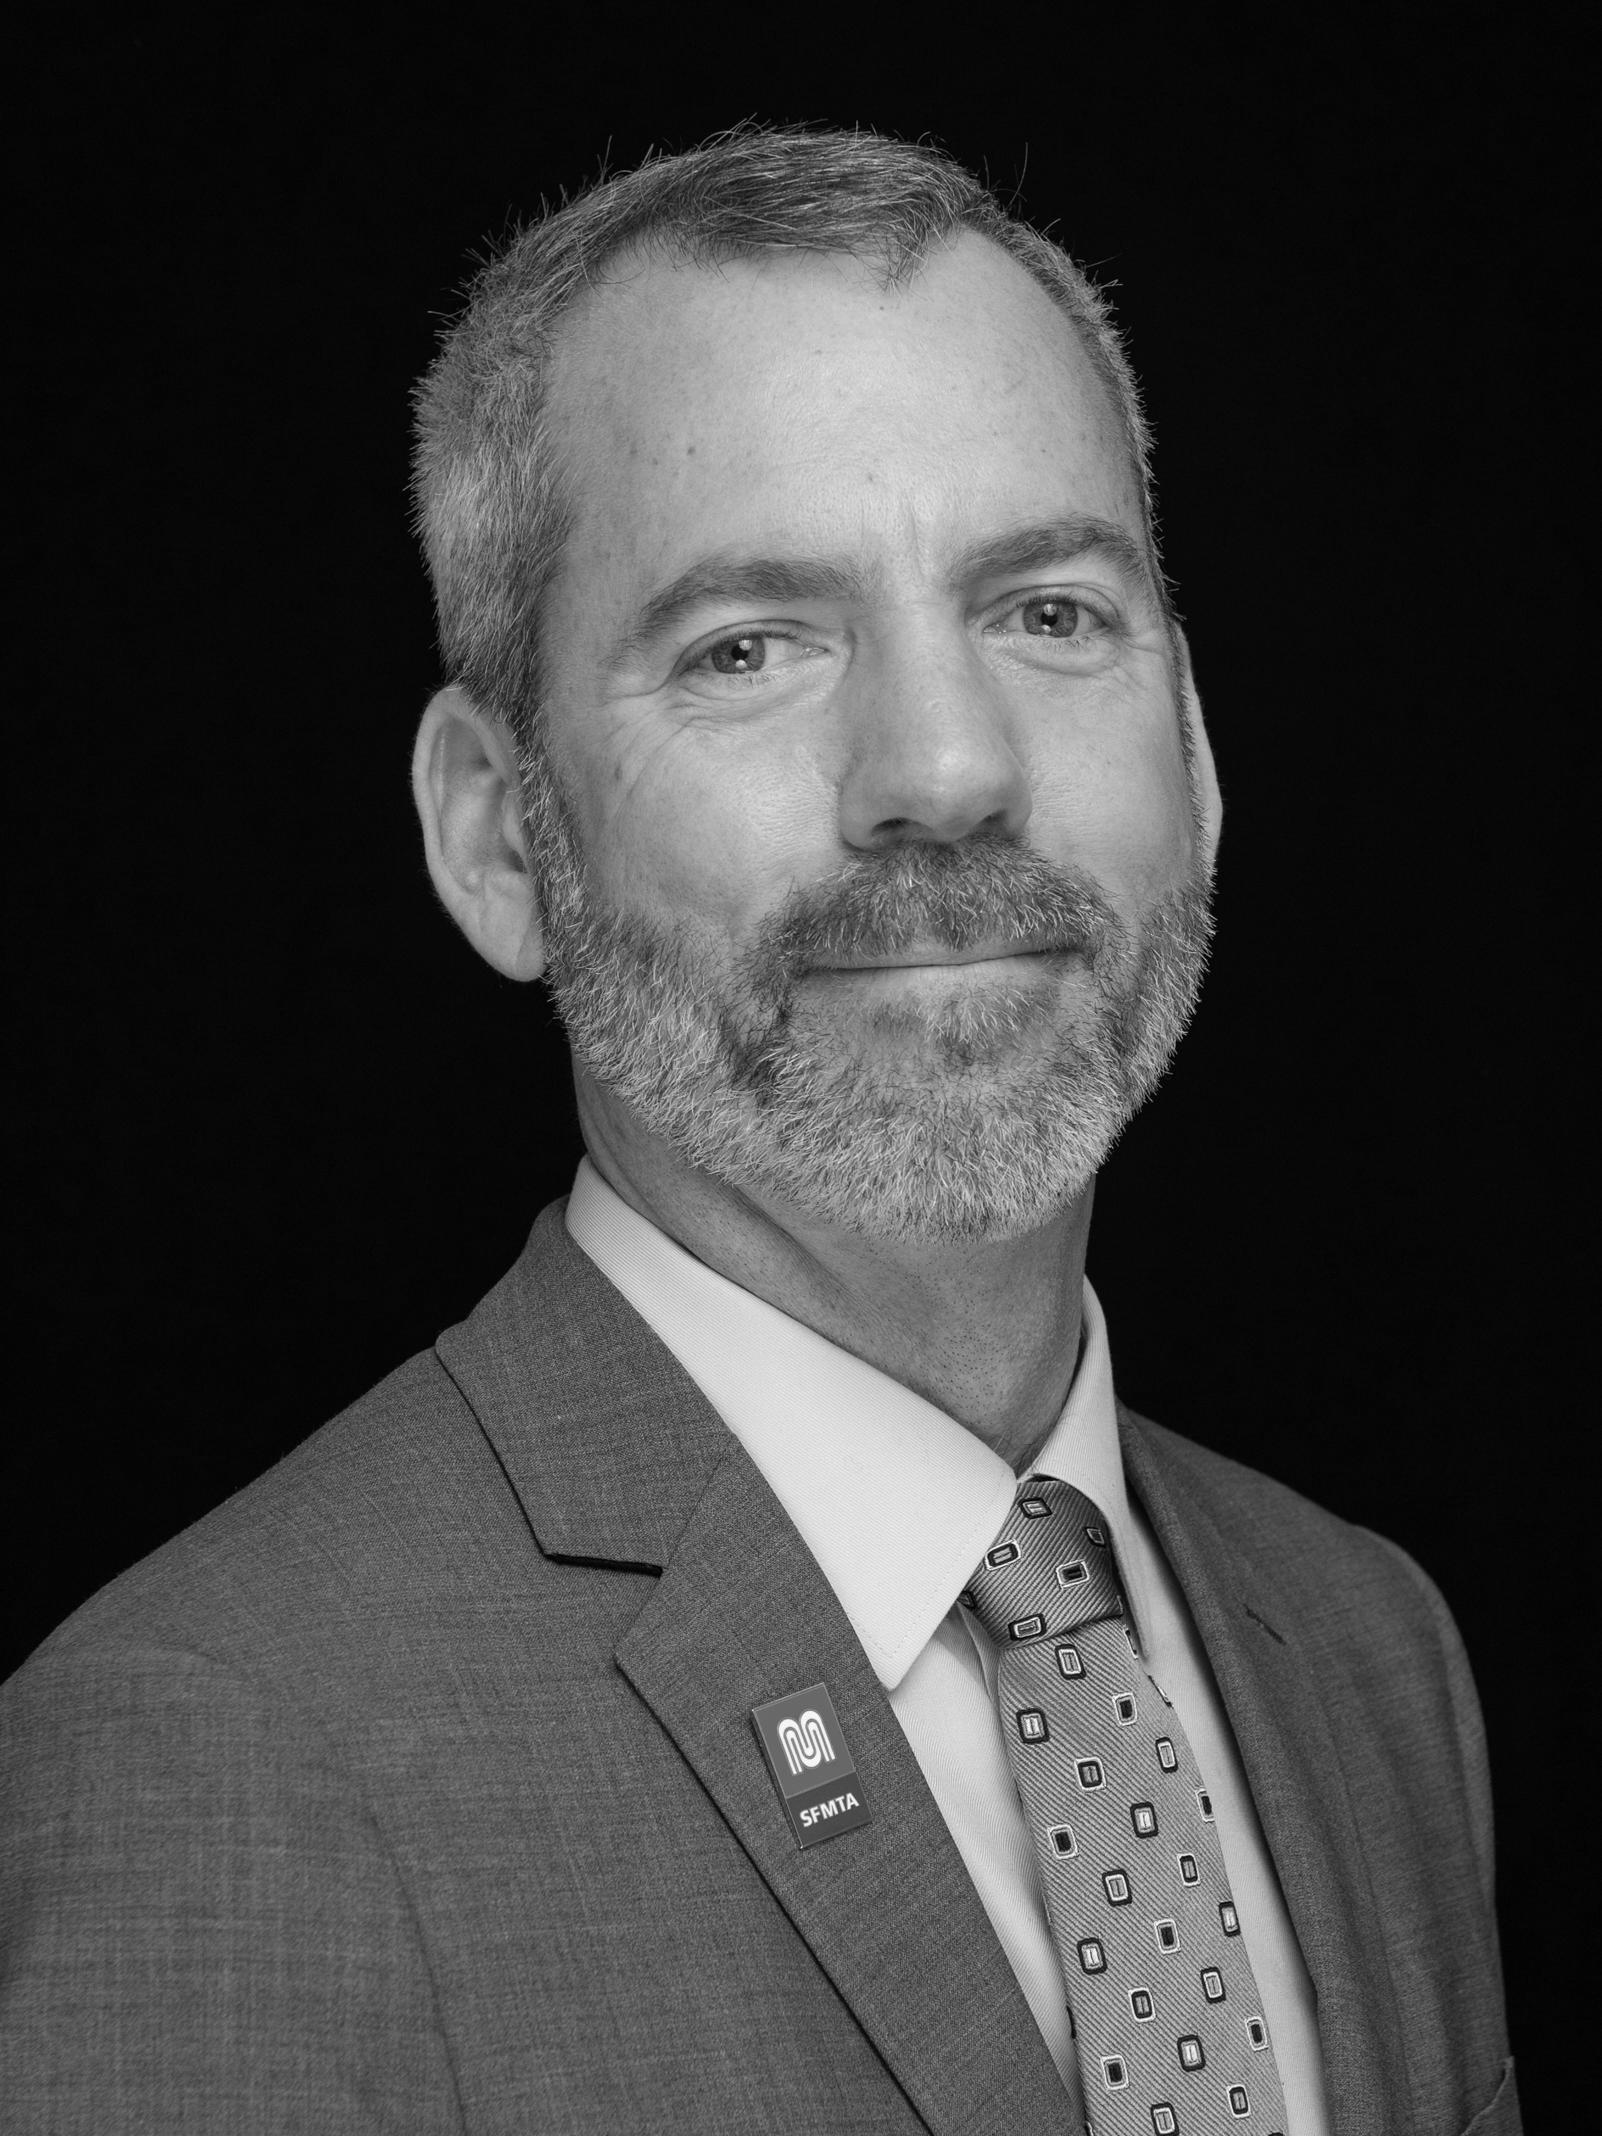 Jeffrey Tumlin